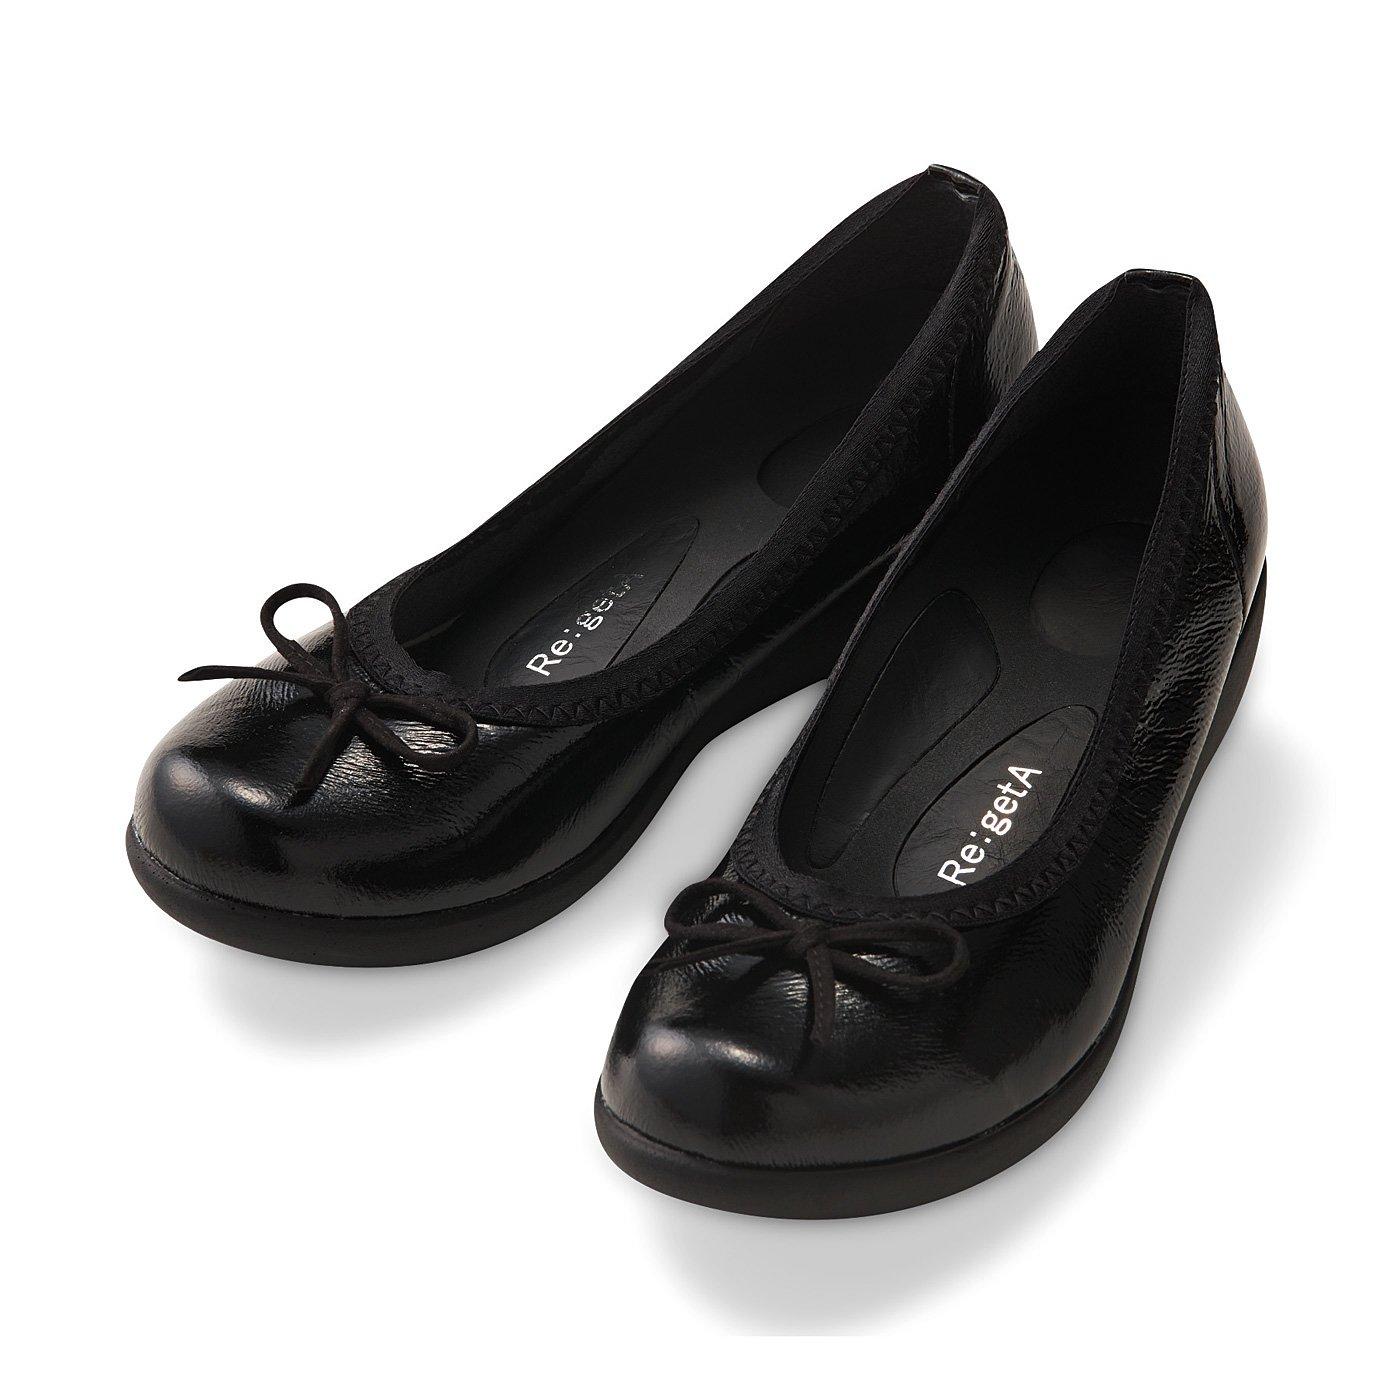 リゲッタ ローリング歩行機能ですいすい歩けるリボンパンプス〈ブラック〉